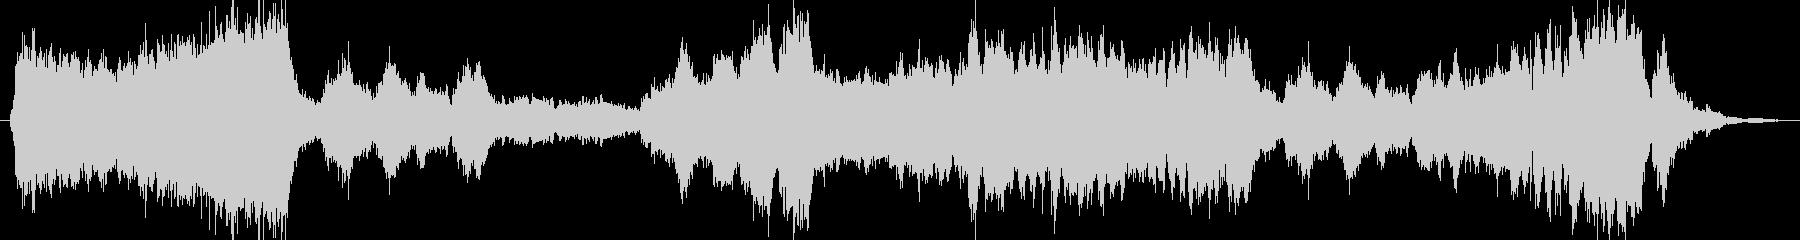 華やか厳かなオーケストラファンファーレの未再生の波形